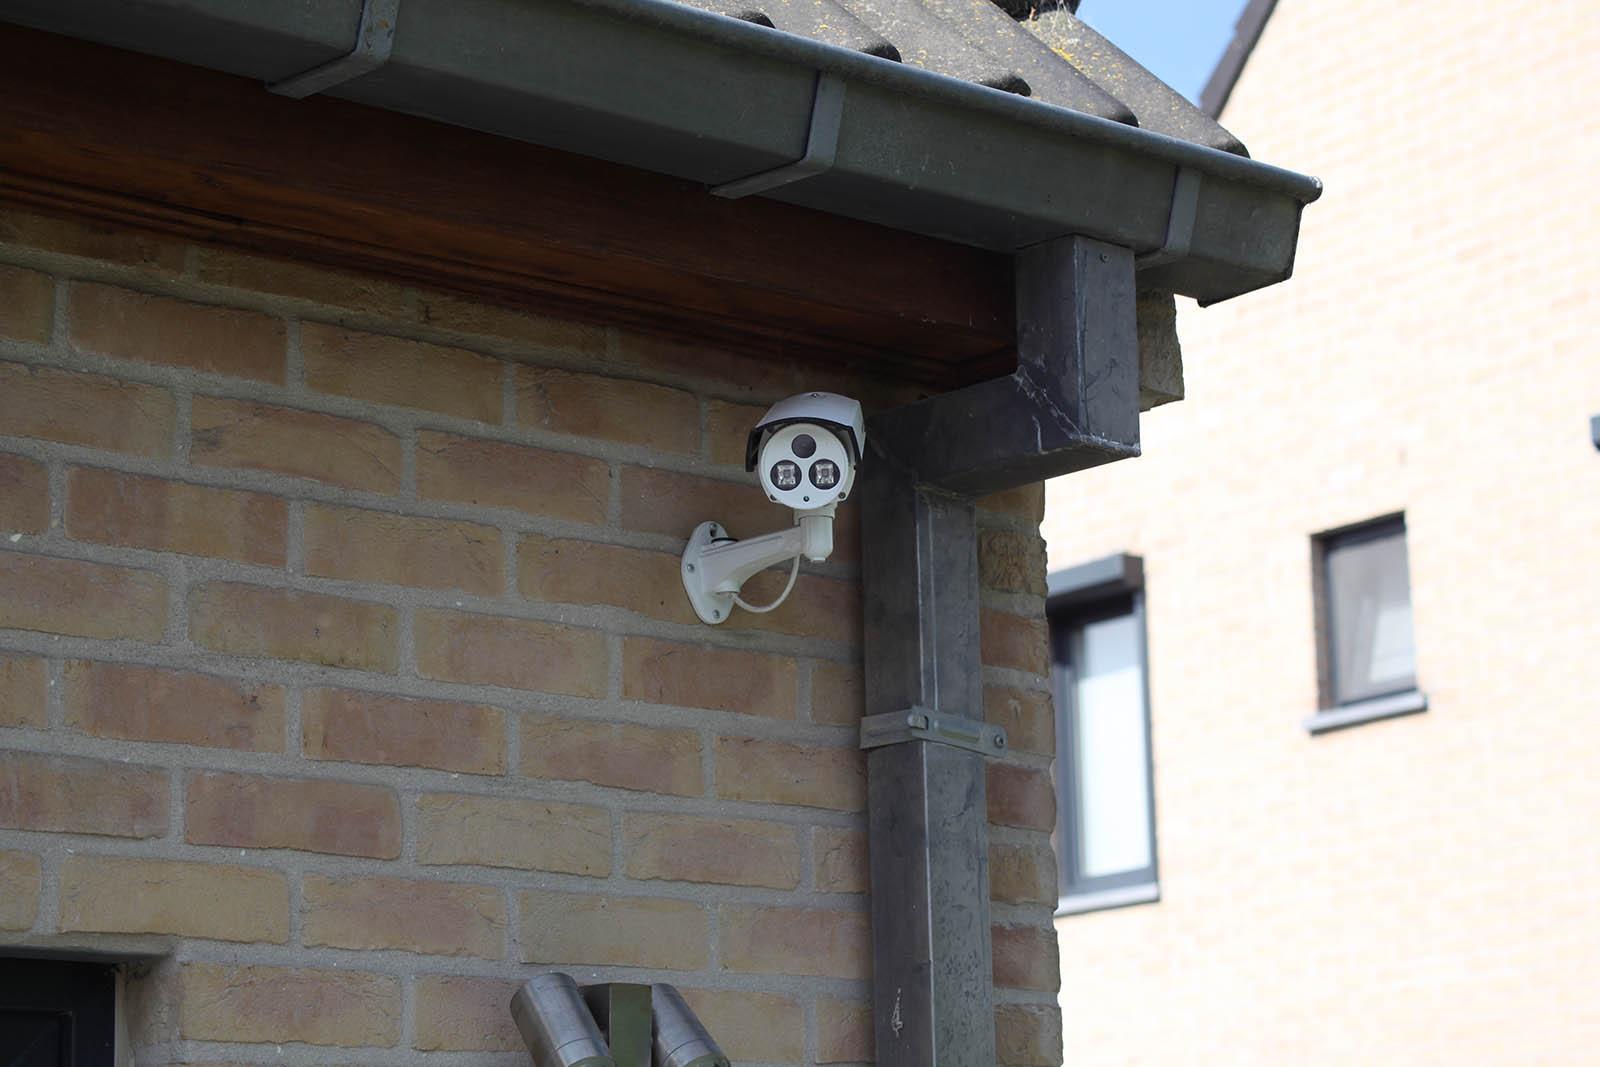 Camerabewaking voor thuis oost vlaanderen bvk security - Voor thuis ...